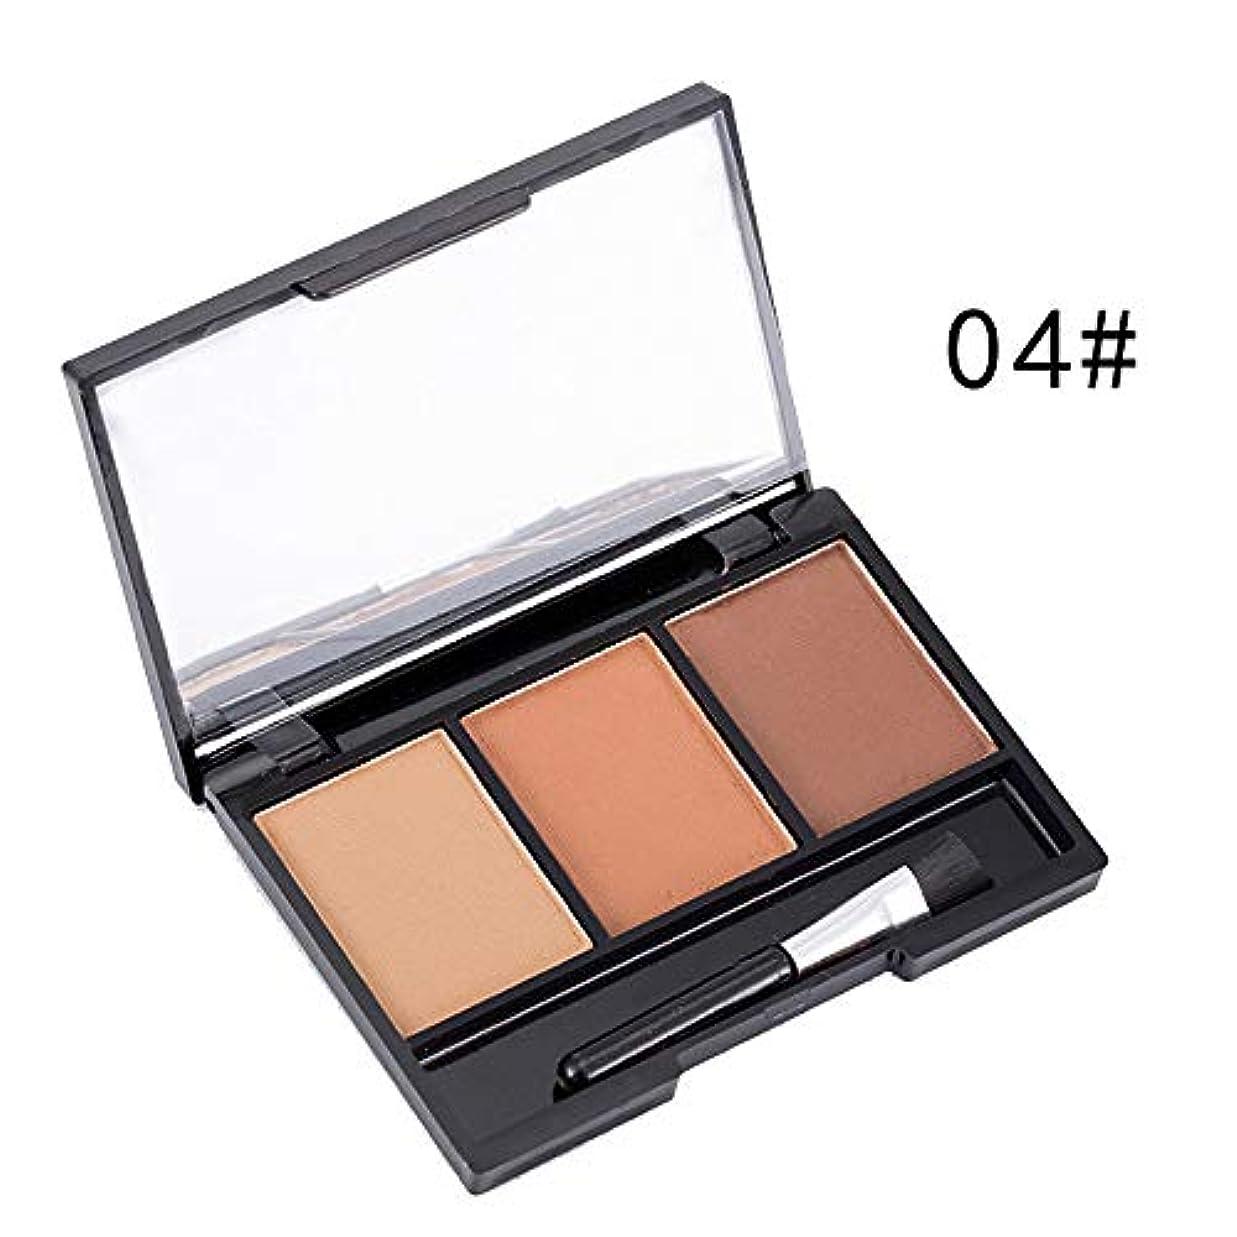 仕方枯渇する酸度Akane パウダーアイブロウパレット SR MAKE UP 綺麗 人気 ファッション 魅力的 眉 自然 パウダーアイブロウ ぼかしない チャーム 防水 長持ち おしゃれ 持ち便利 Eye Shadow (3色) ES021